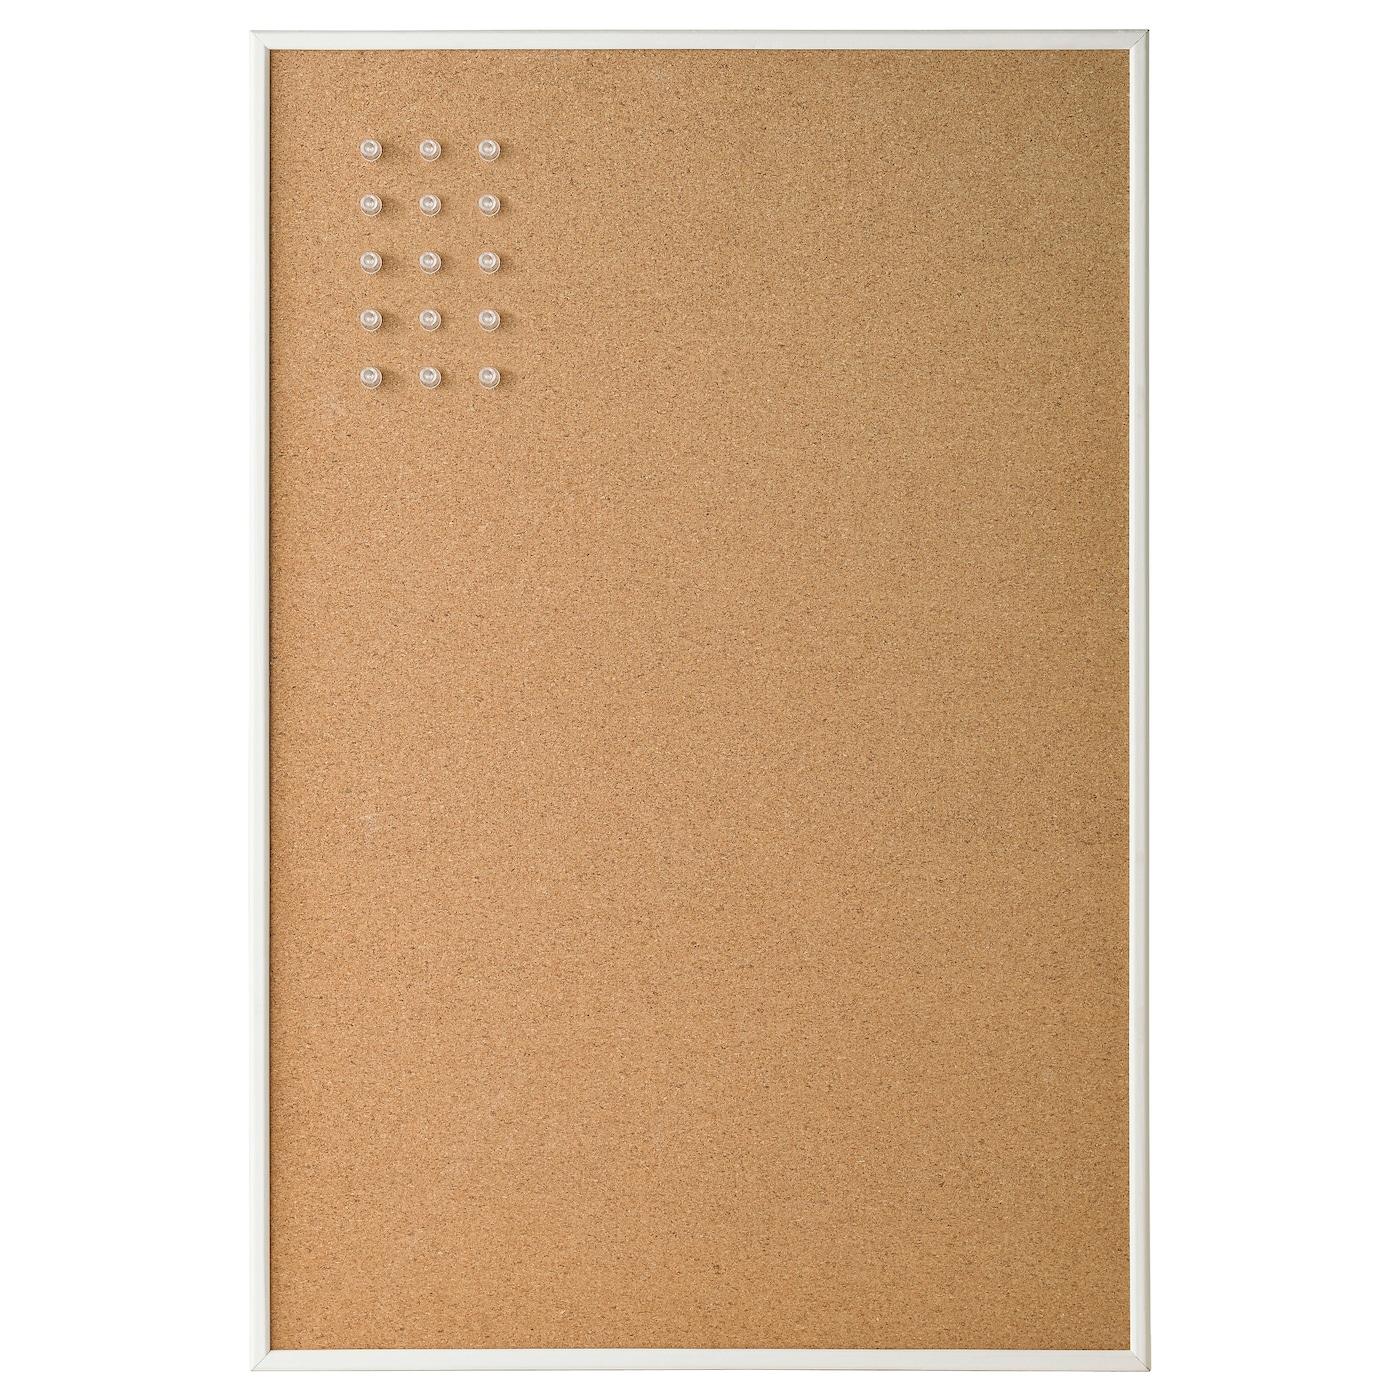 Portaoggetti da parete in rete metallica nera porta lettere con bacheca in sughero e 5/ganci portachiavi